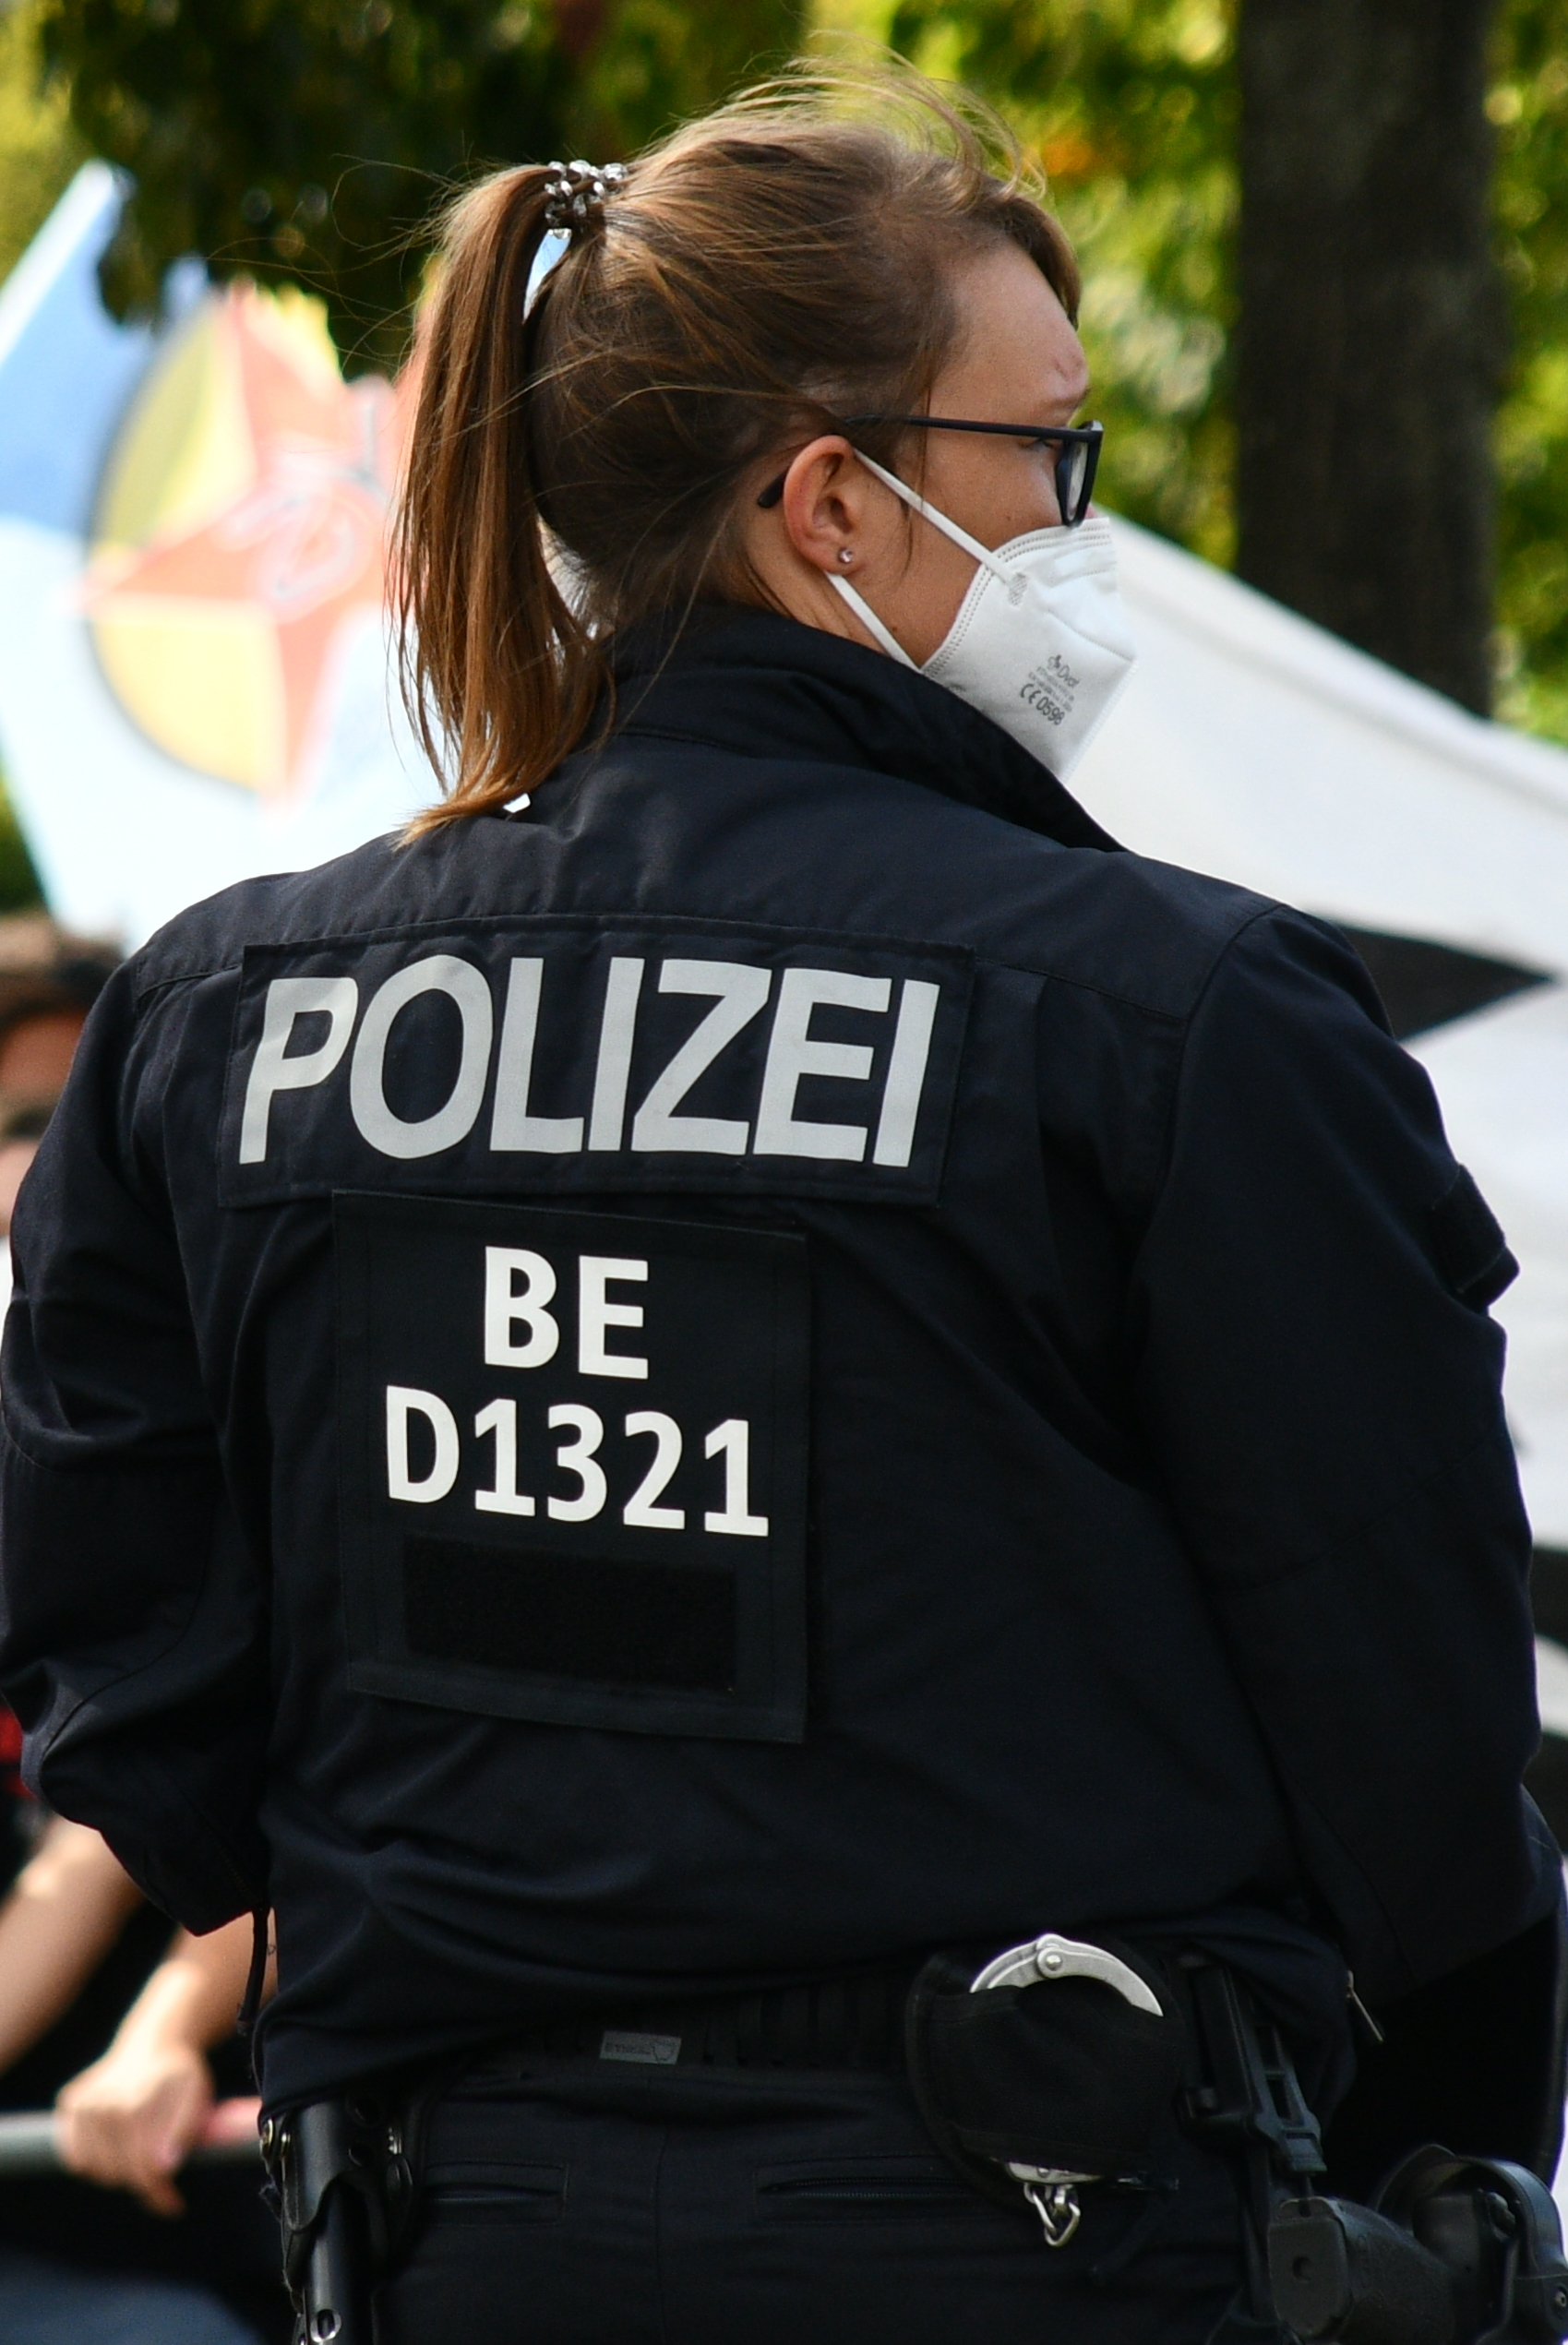 Cop von hinten mit taktischer Kennzeichunung BE D1321